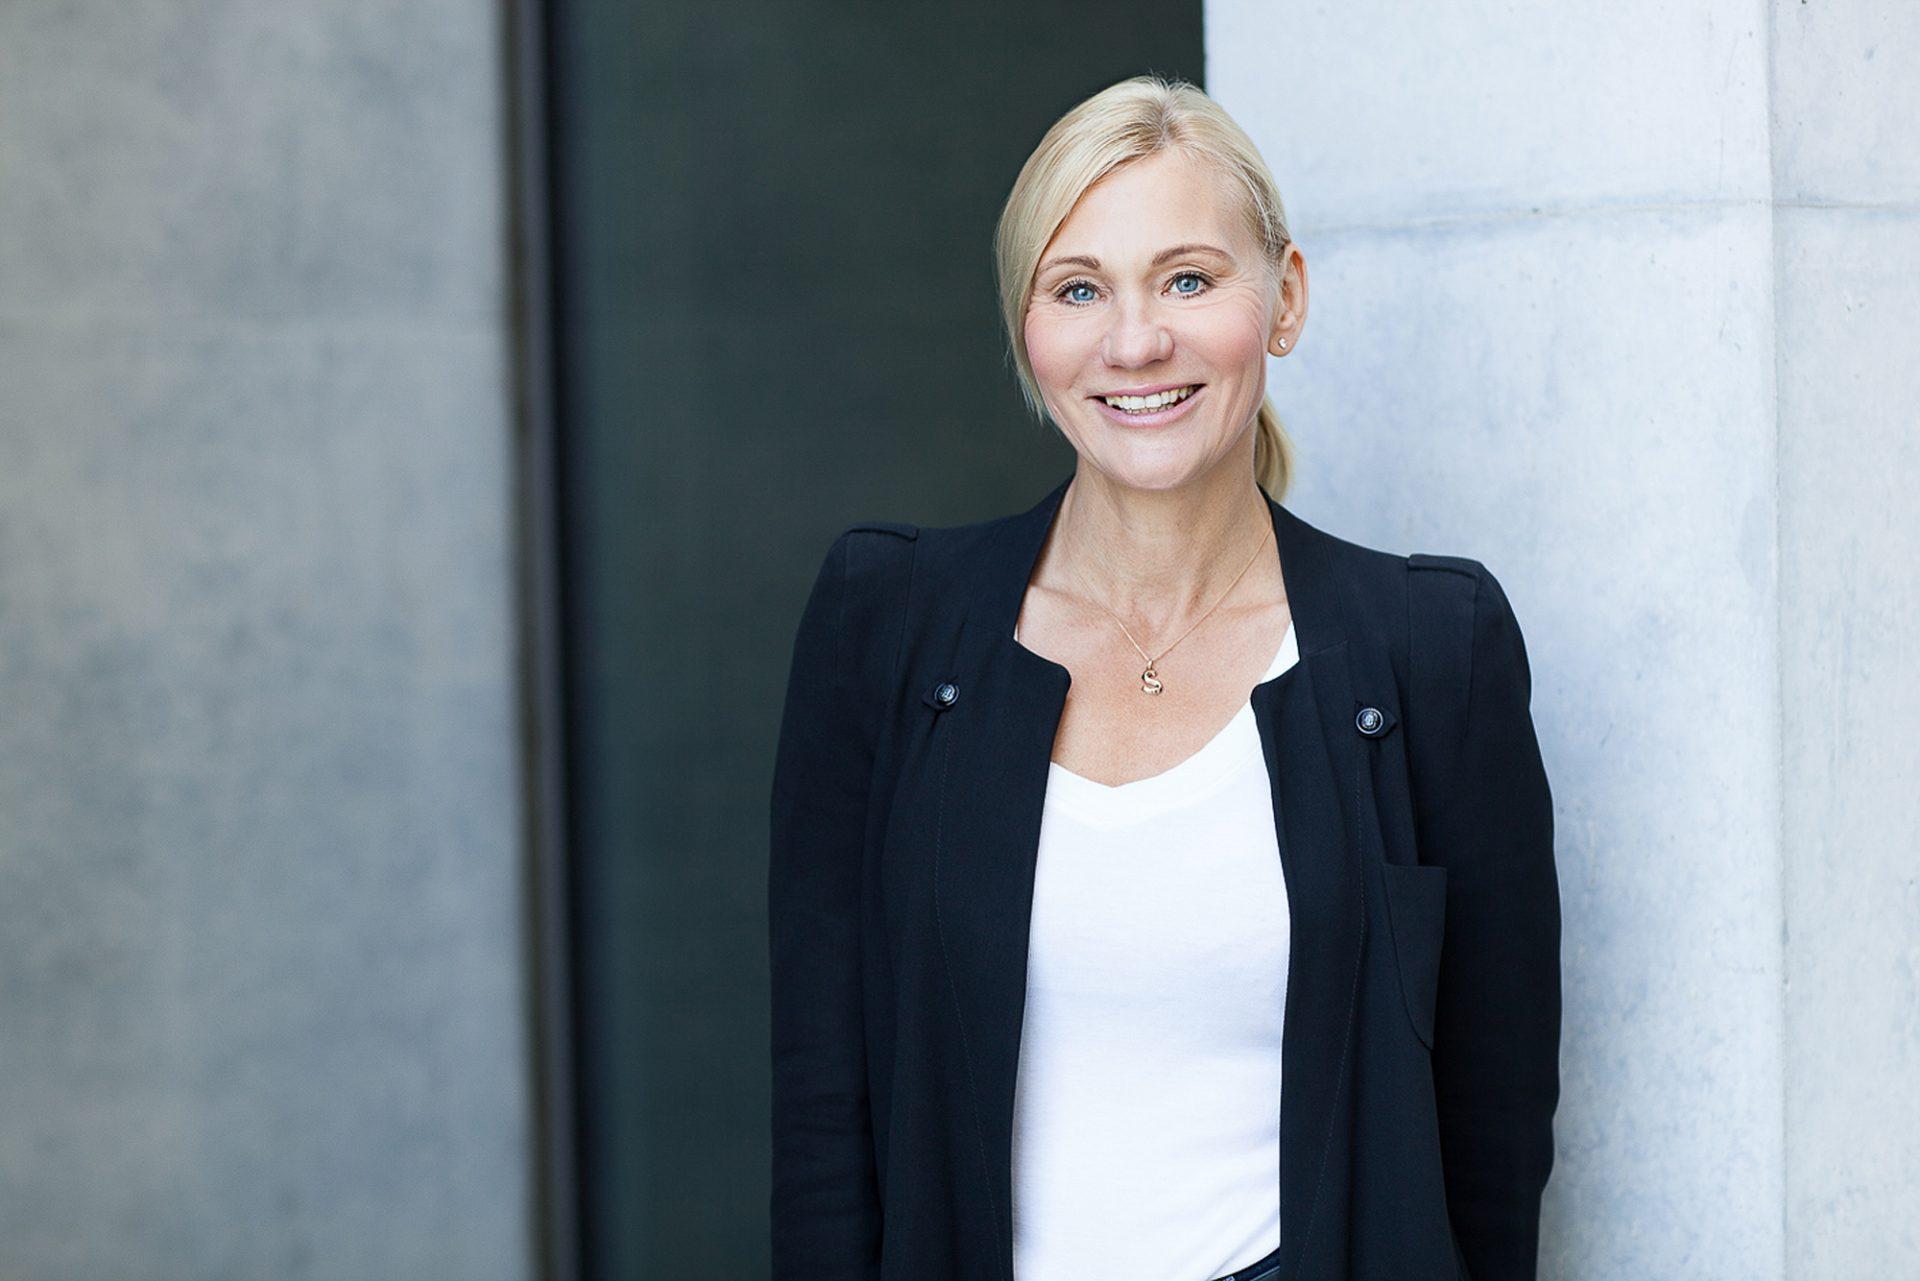 Portraitfotograf für Wirtschaftsprüfer & Rechtsanwälte ©Offenblende / Ricarda aus Berlin